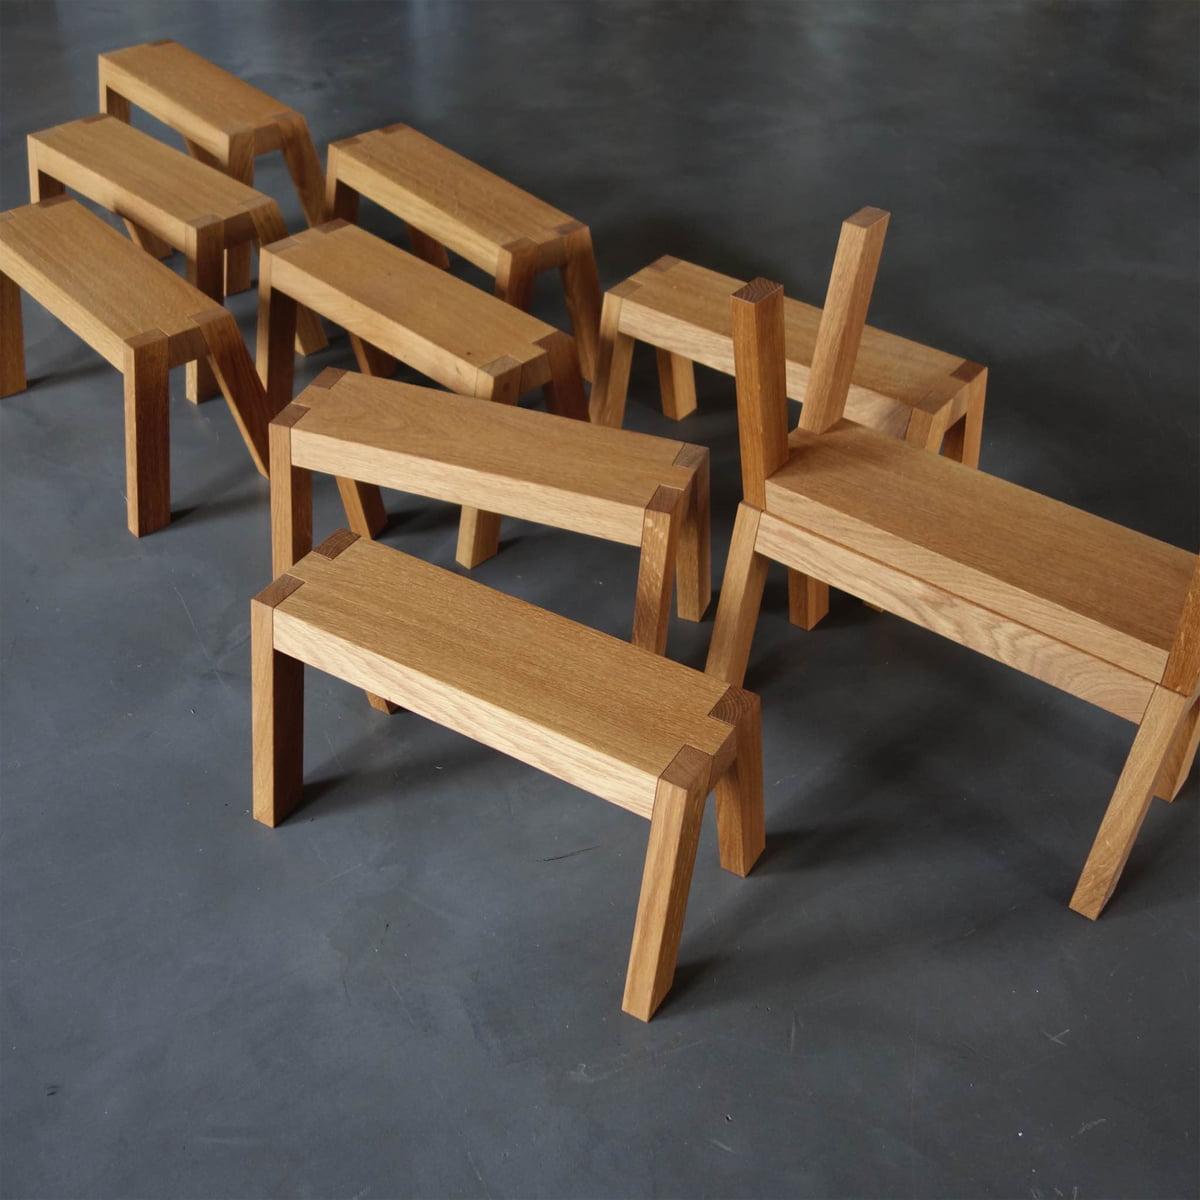 stool kleiner bruder by auerberg connox. Black Bedroom Furniture Sets. Home Design Ideas